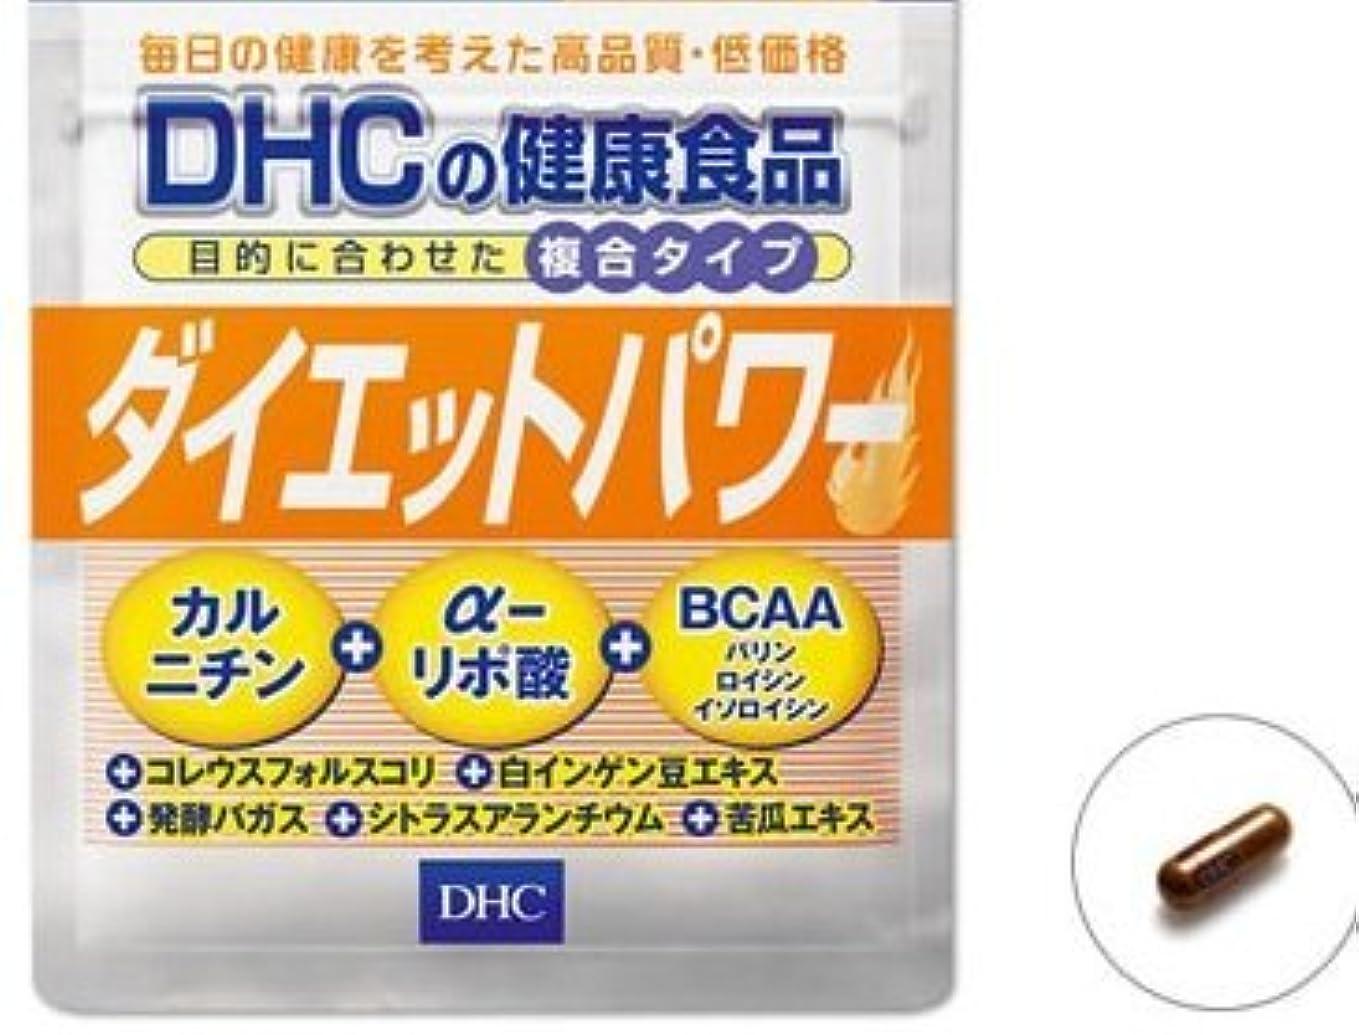 略奪メンバー付けるDHC ダイエットパワー 20日分 × 5セット